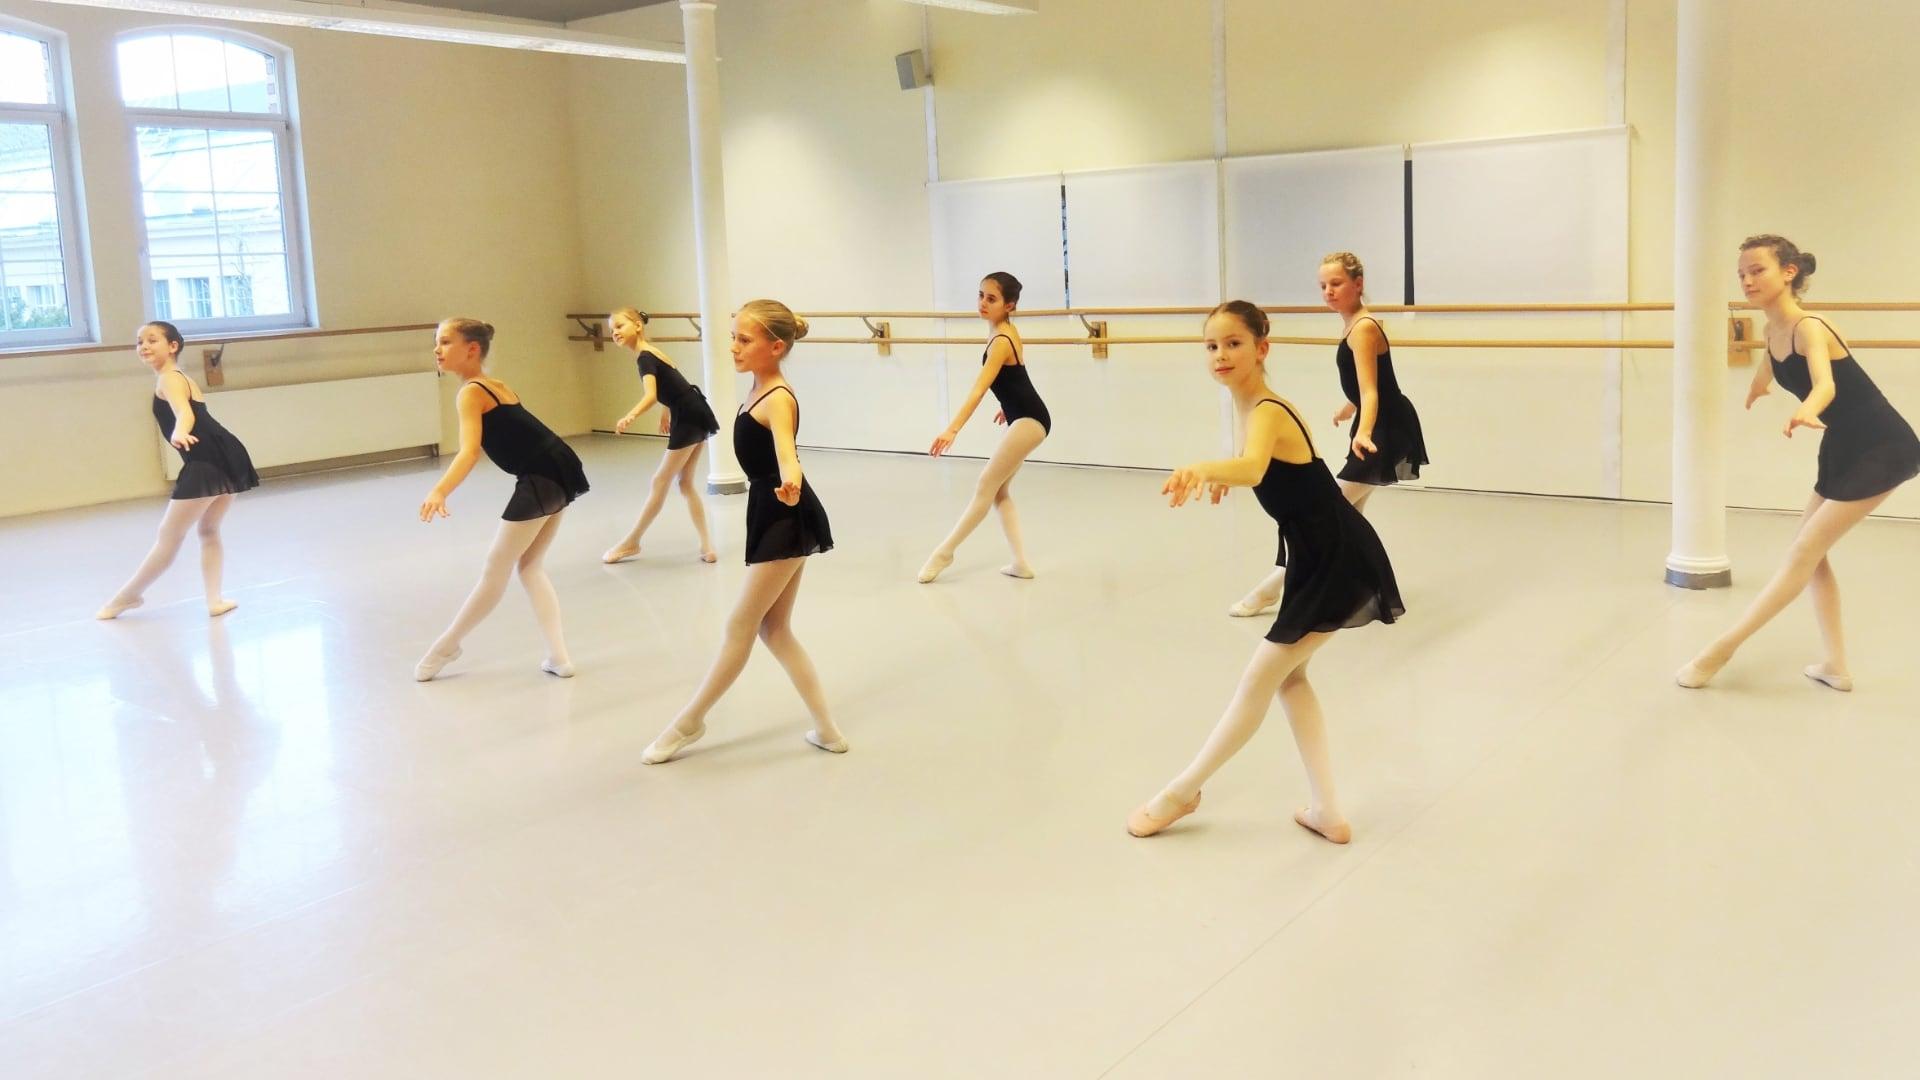 Das Ballett-Atelier Ludwigsburg ermöglicht Kindern ab 5 Jahren, professionelle Ballett-Kurse zu besuchen.